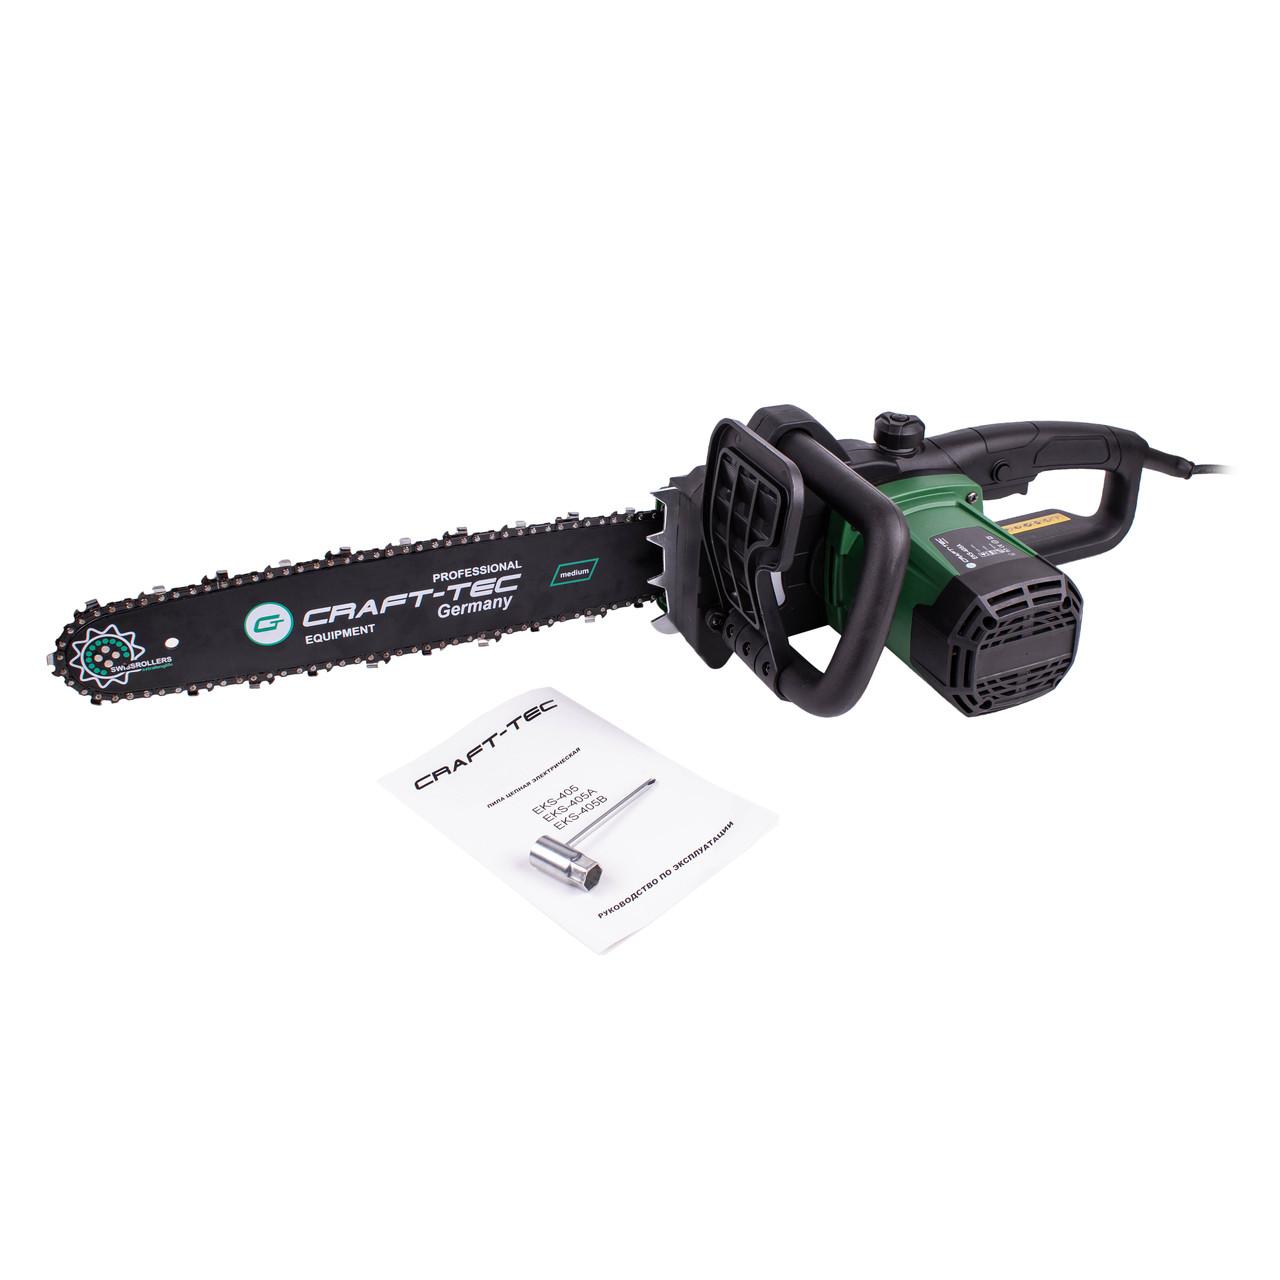 Электропила Craft-tec EKS-405A 1 Шинь + 1 Цепь (быстрый зажим цепи, автомат.масл.насос)